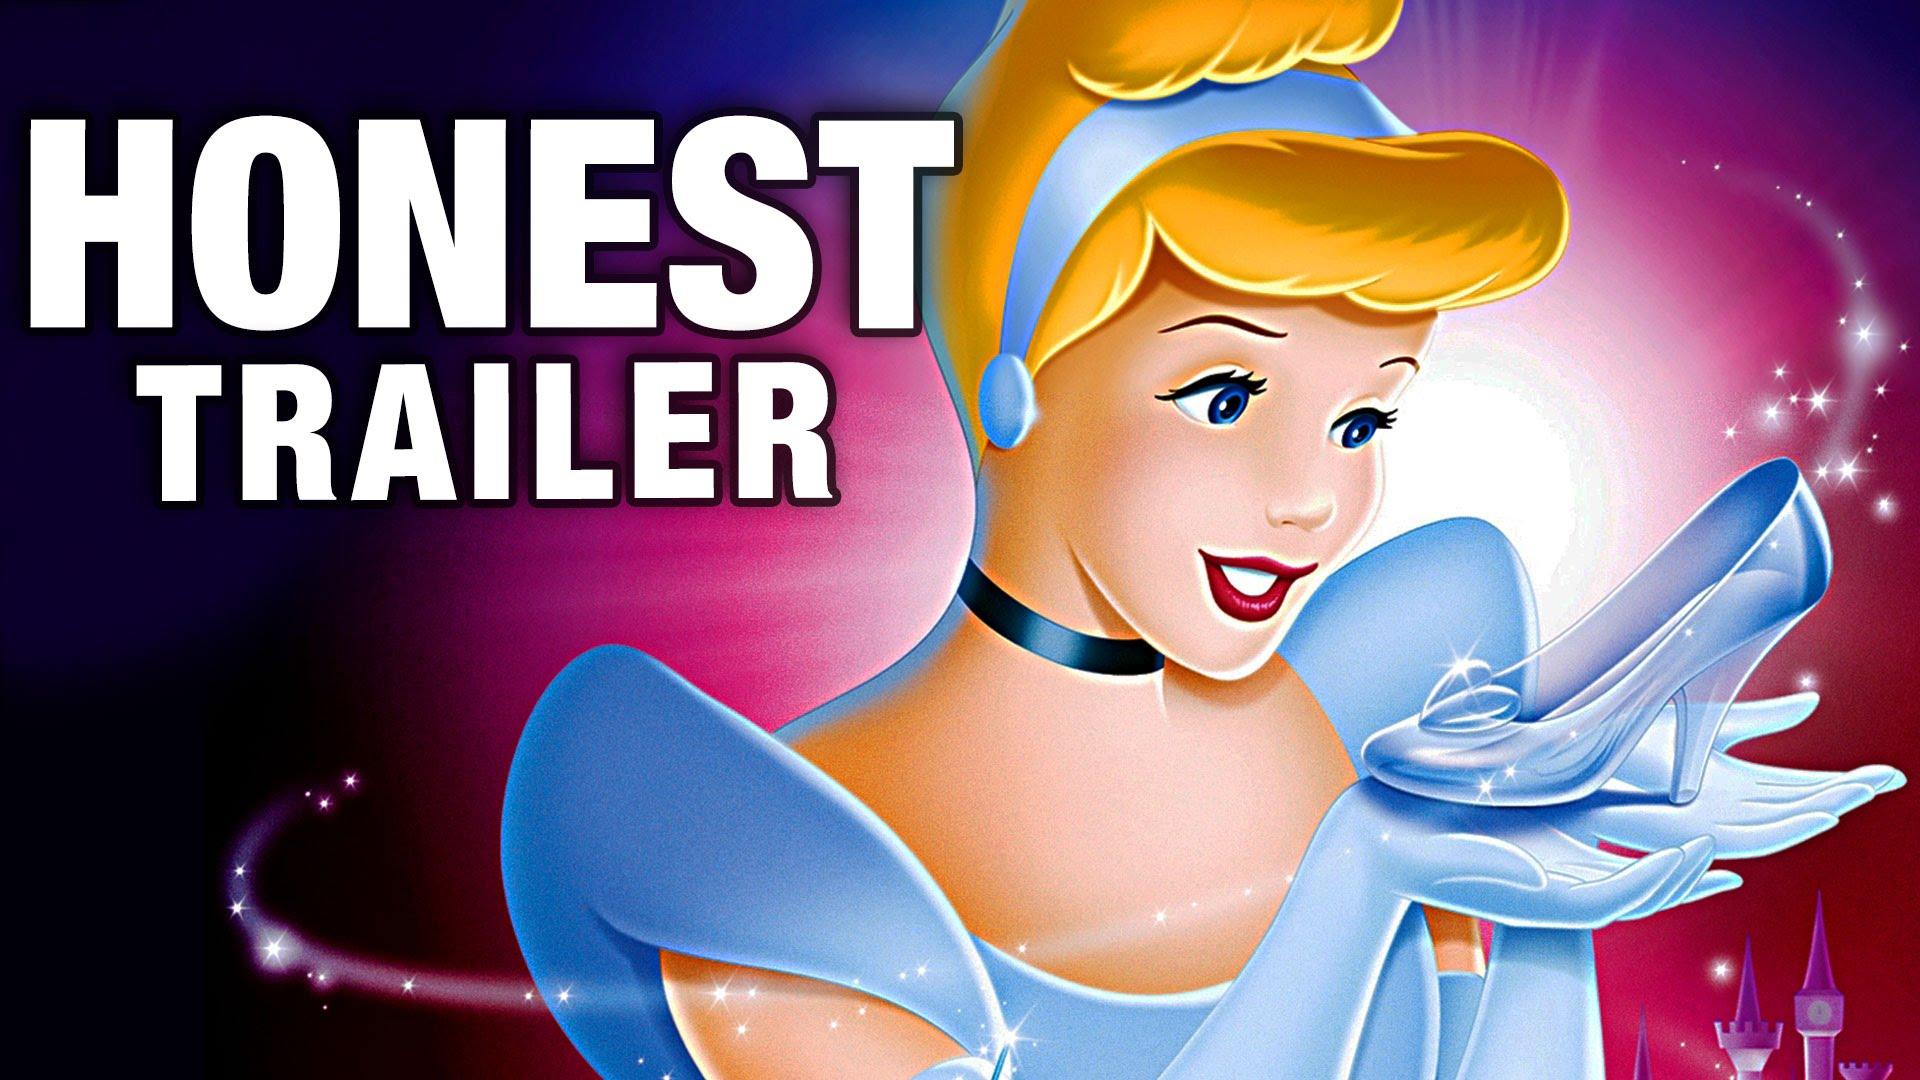 「童年大崩壞!誠實預告片揭開《仙履奇緣》的黑暗面」- Honest Trailer: Cinderella